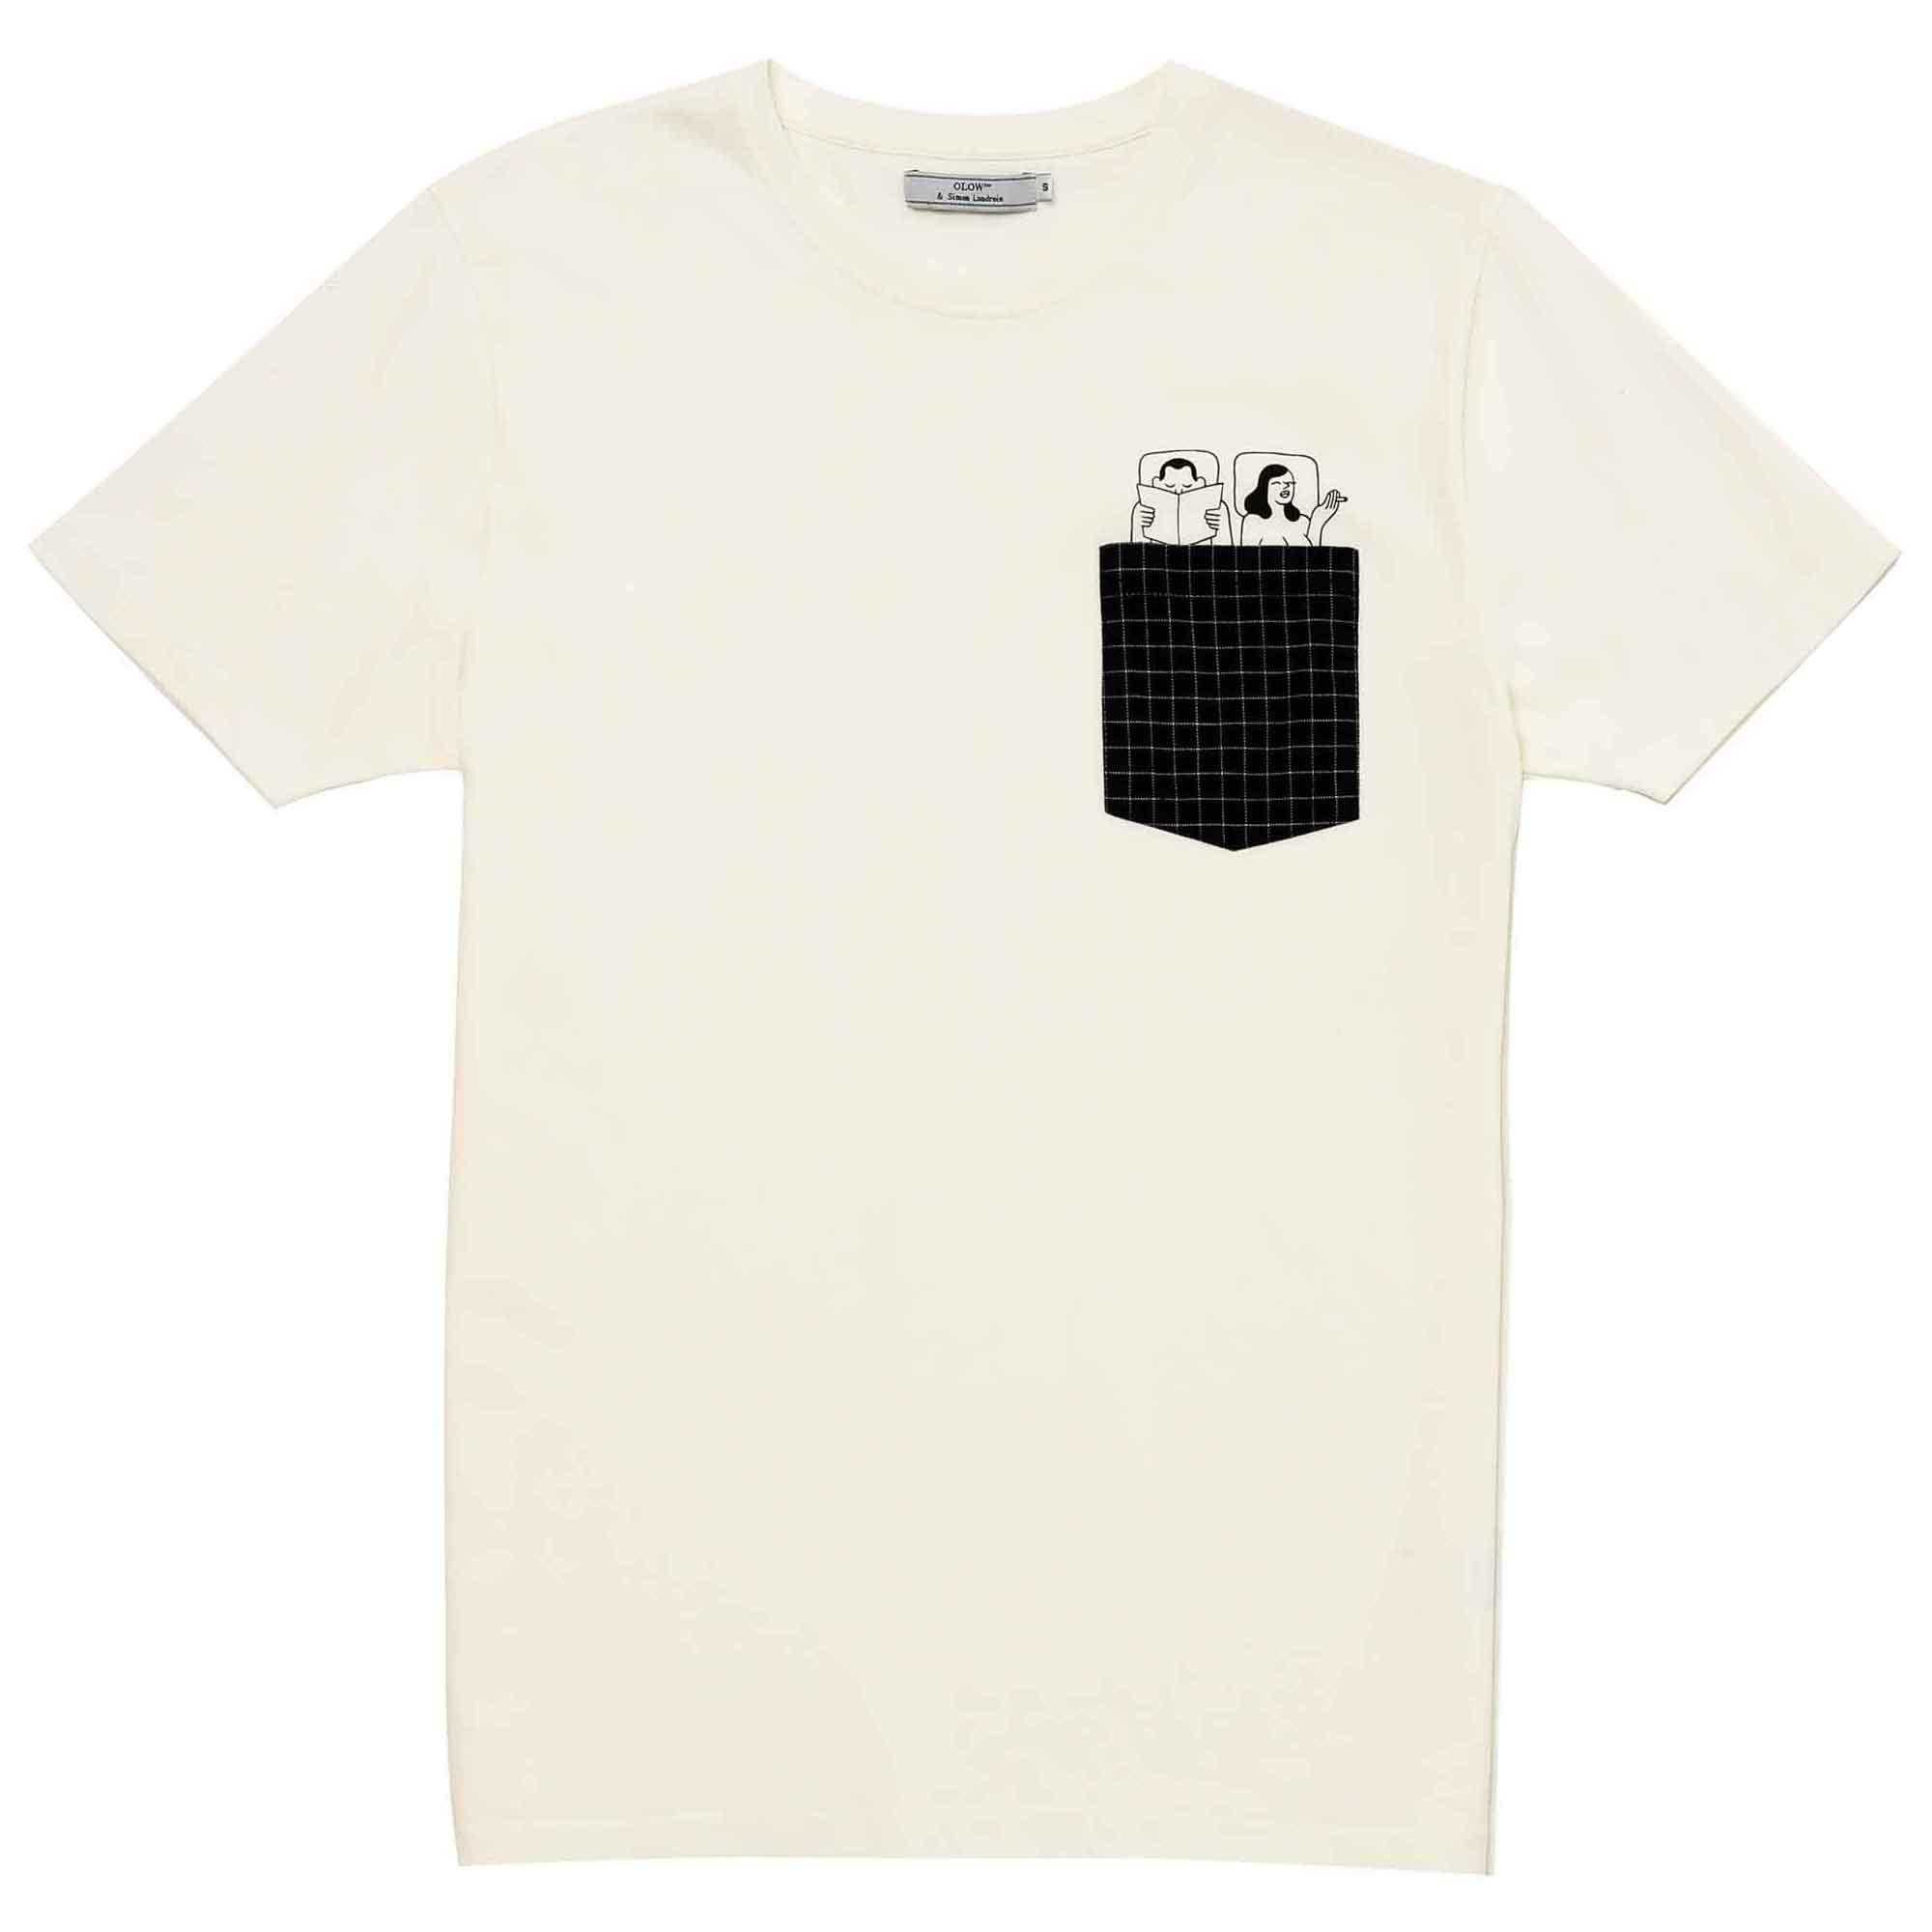 T-shirt pareja